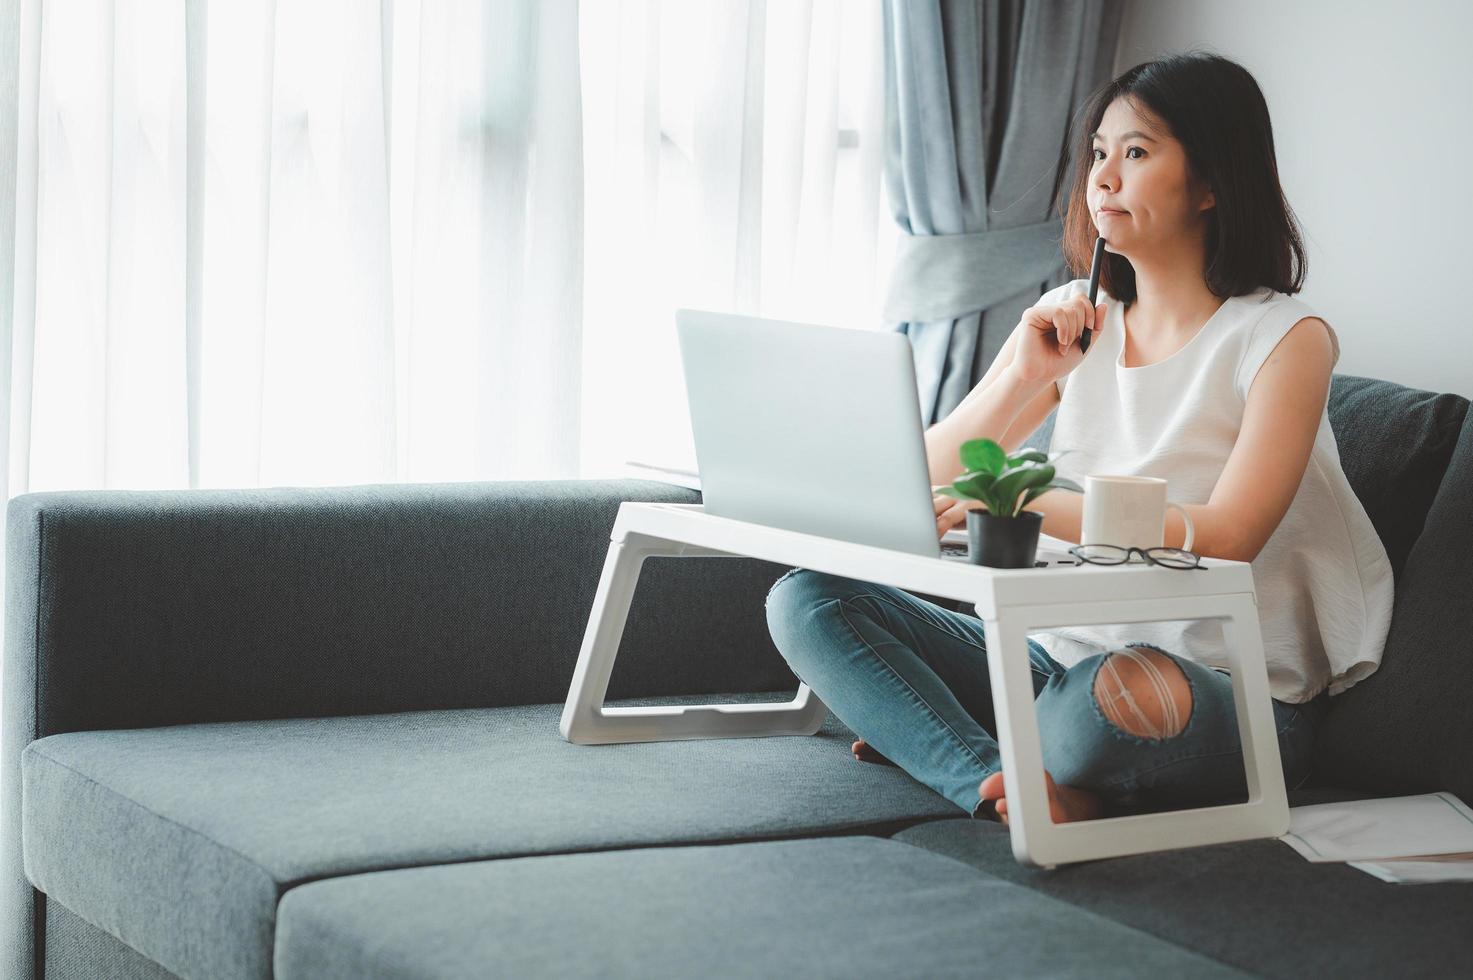 donna che lavora da casa sul divano foto